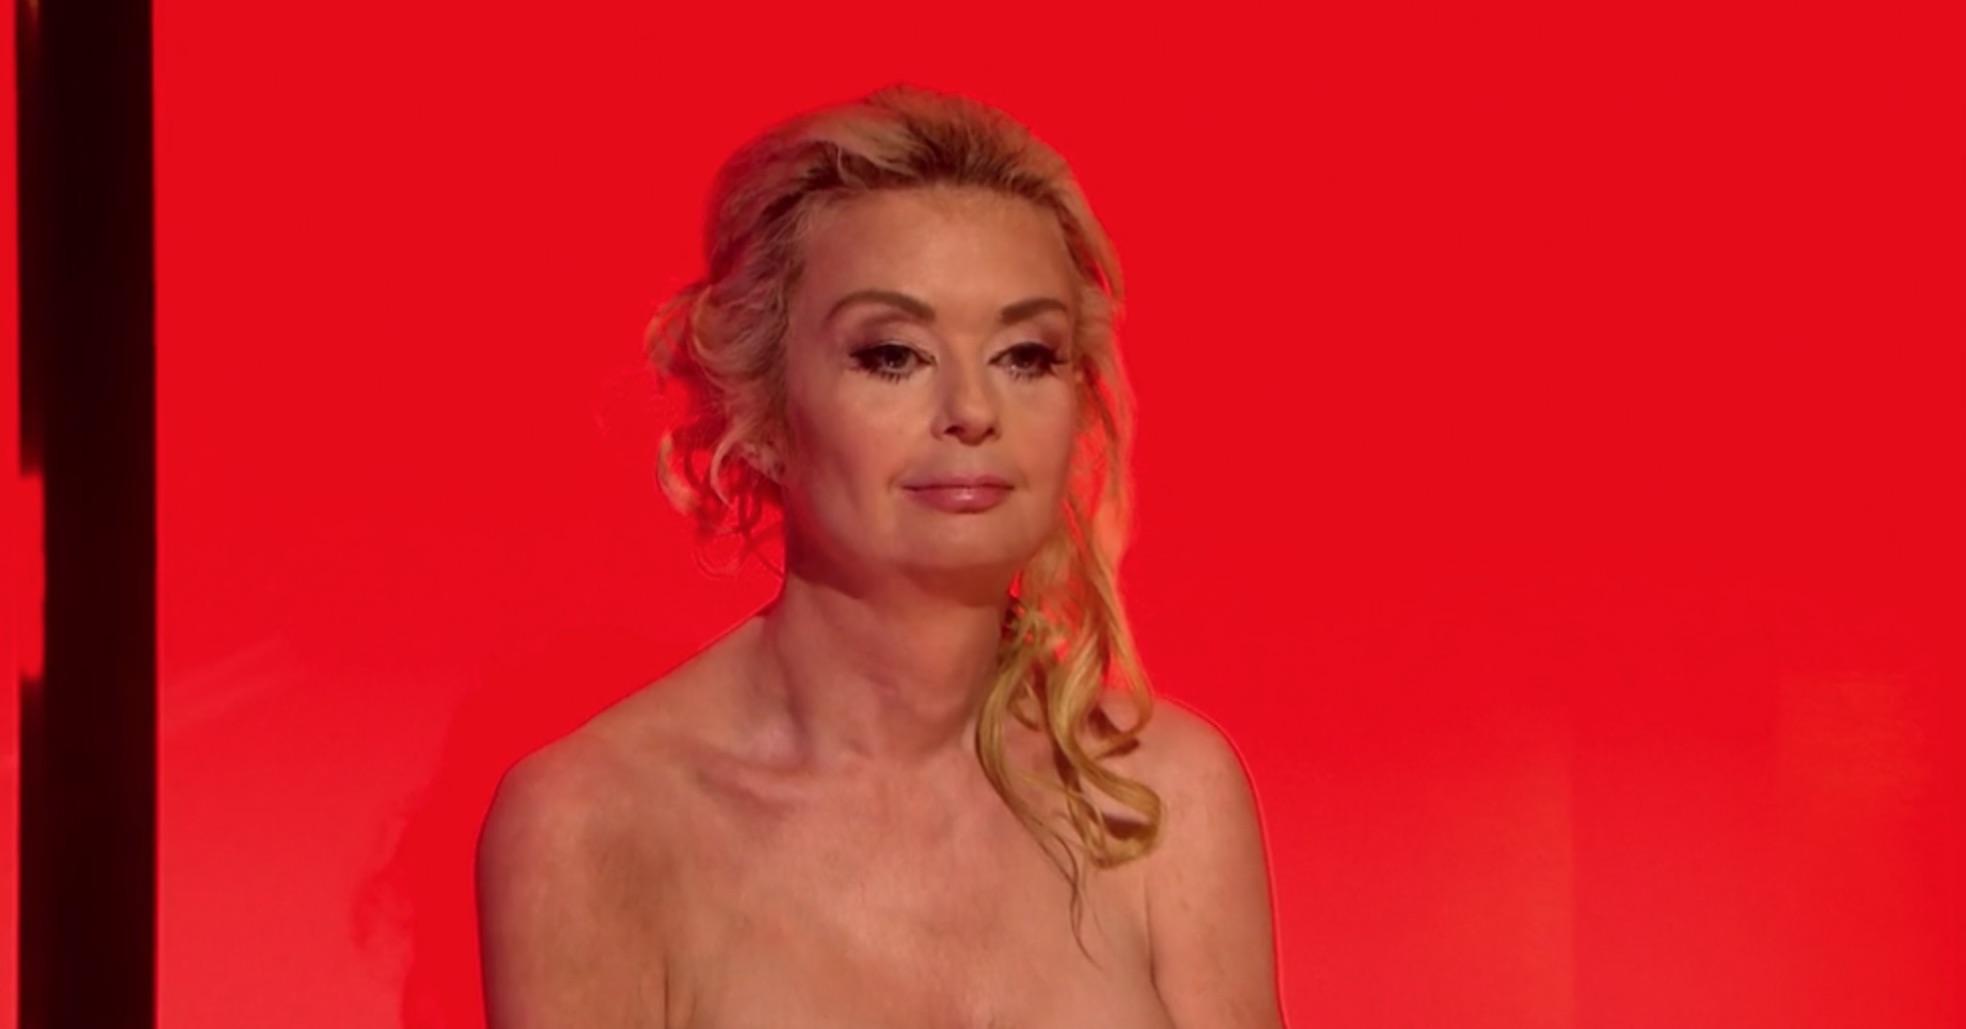 Lauren Harries peels off red lingerie to go topless in